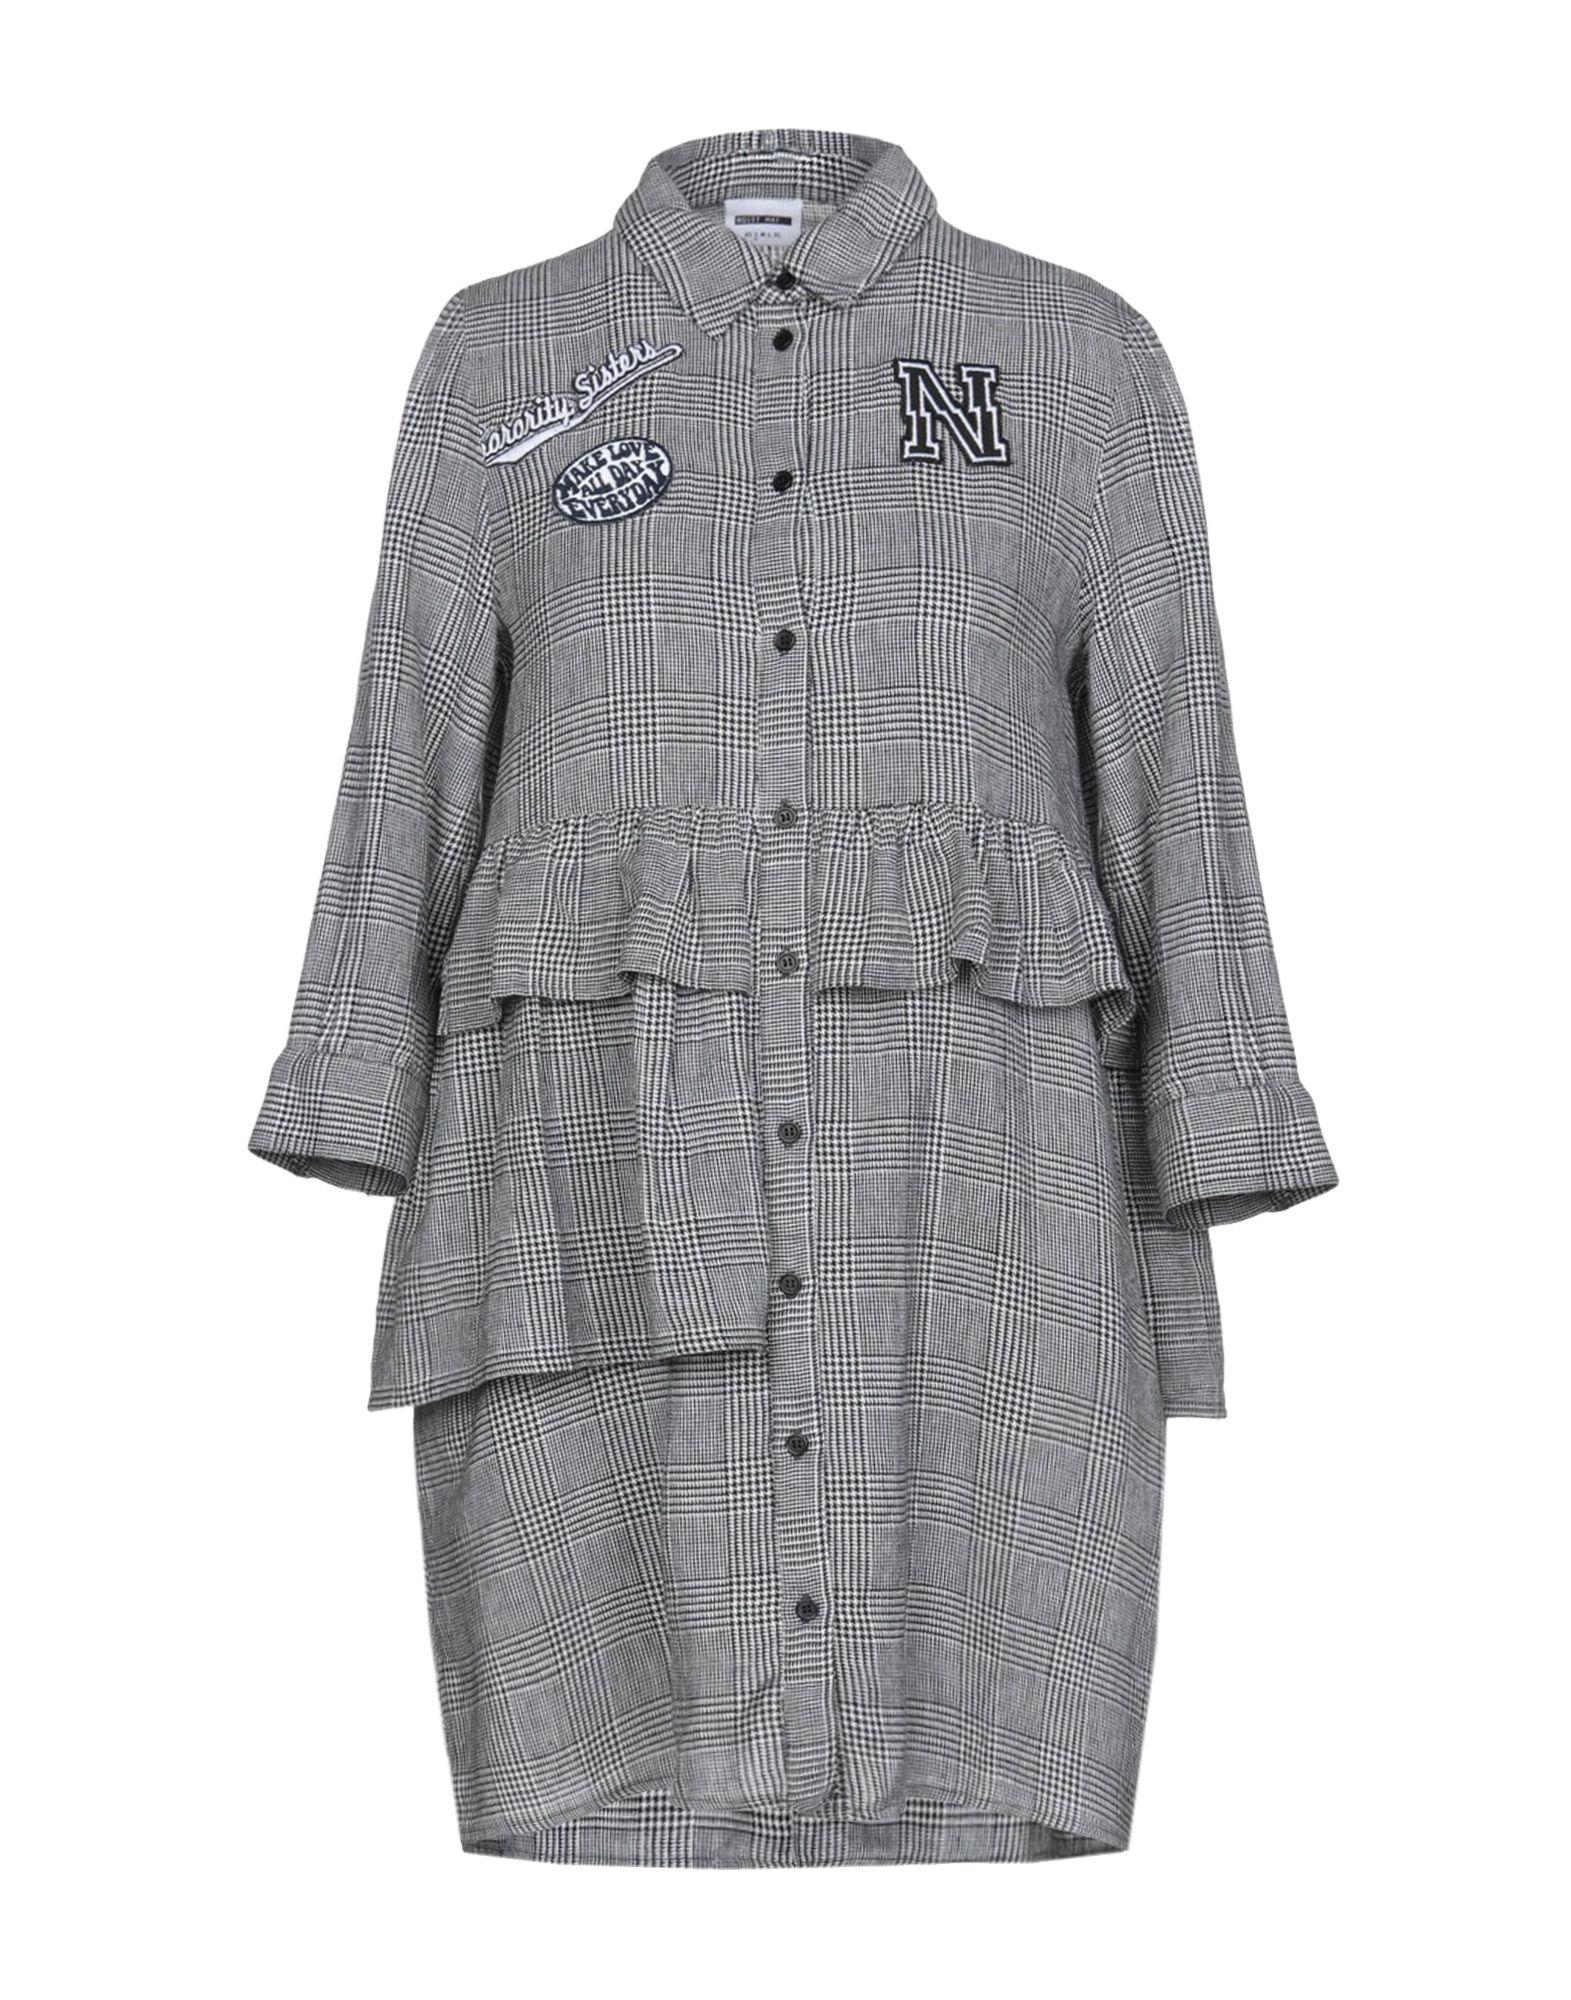 《送料無料》NOISY MAY レディース シャツ ブラック XS コットン 100%